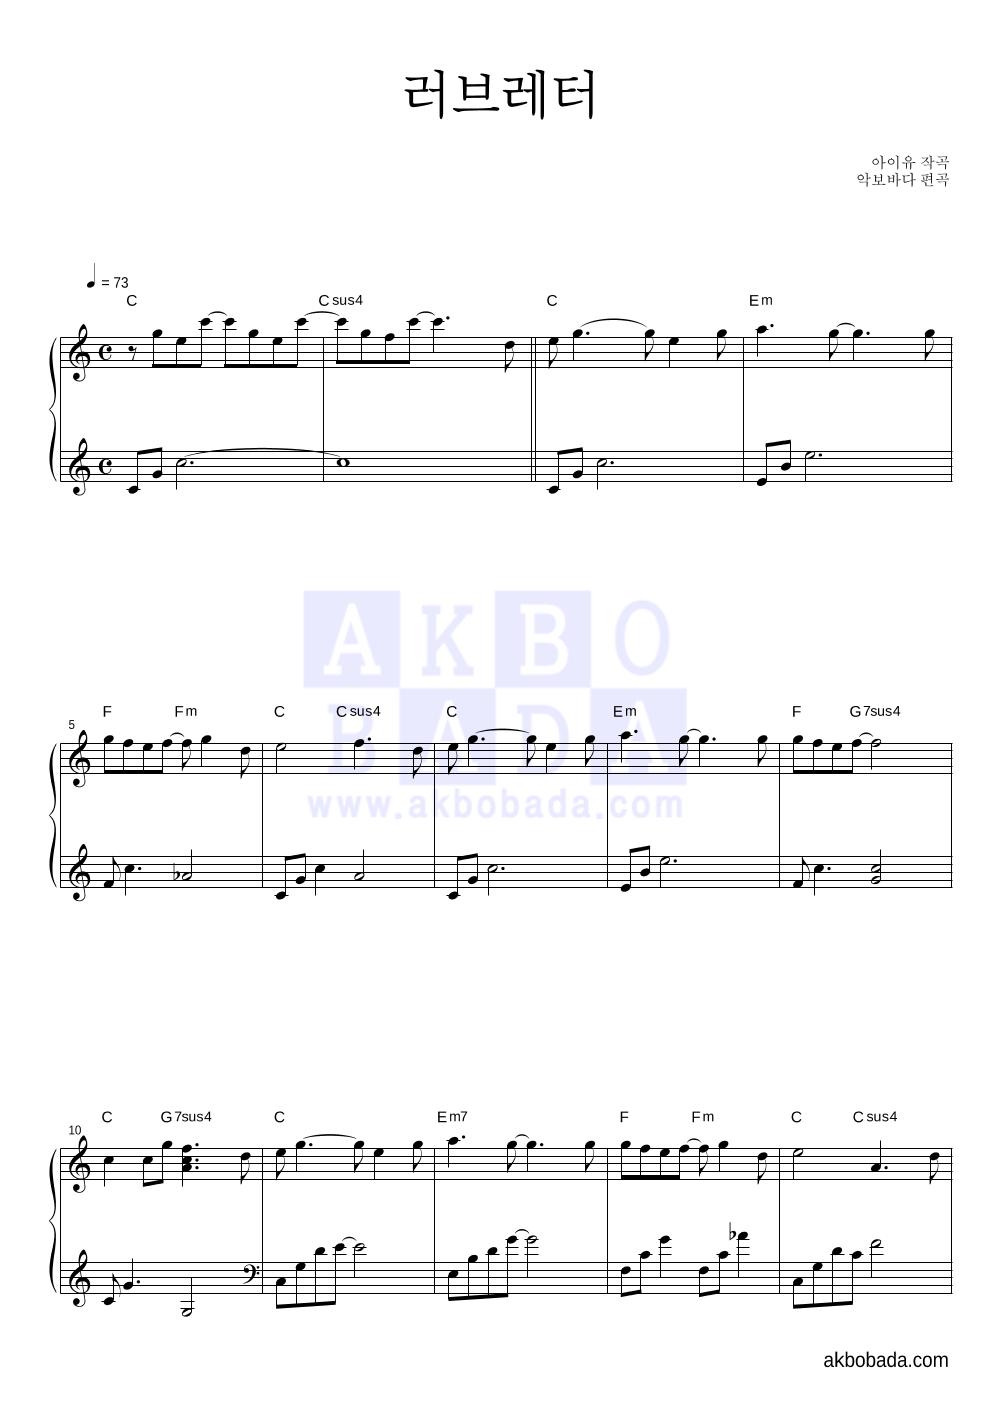 정승환 - 러브레터 피아노 마스터 악보